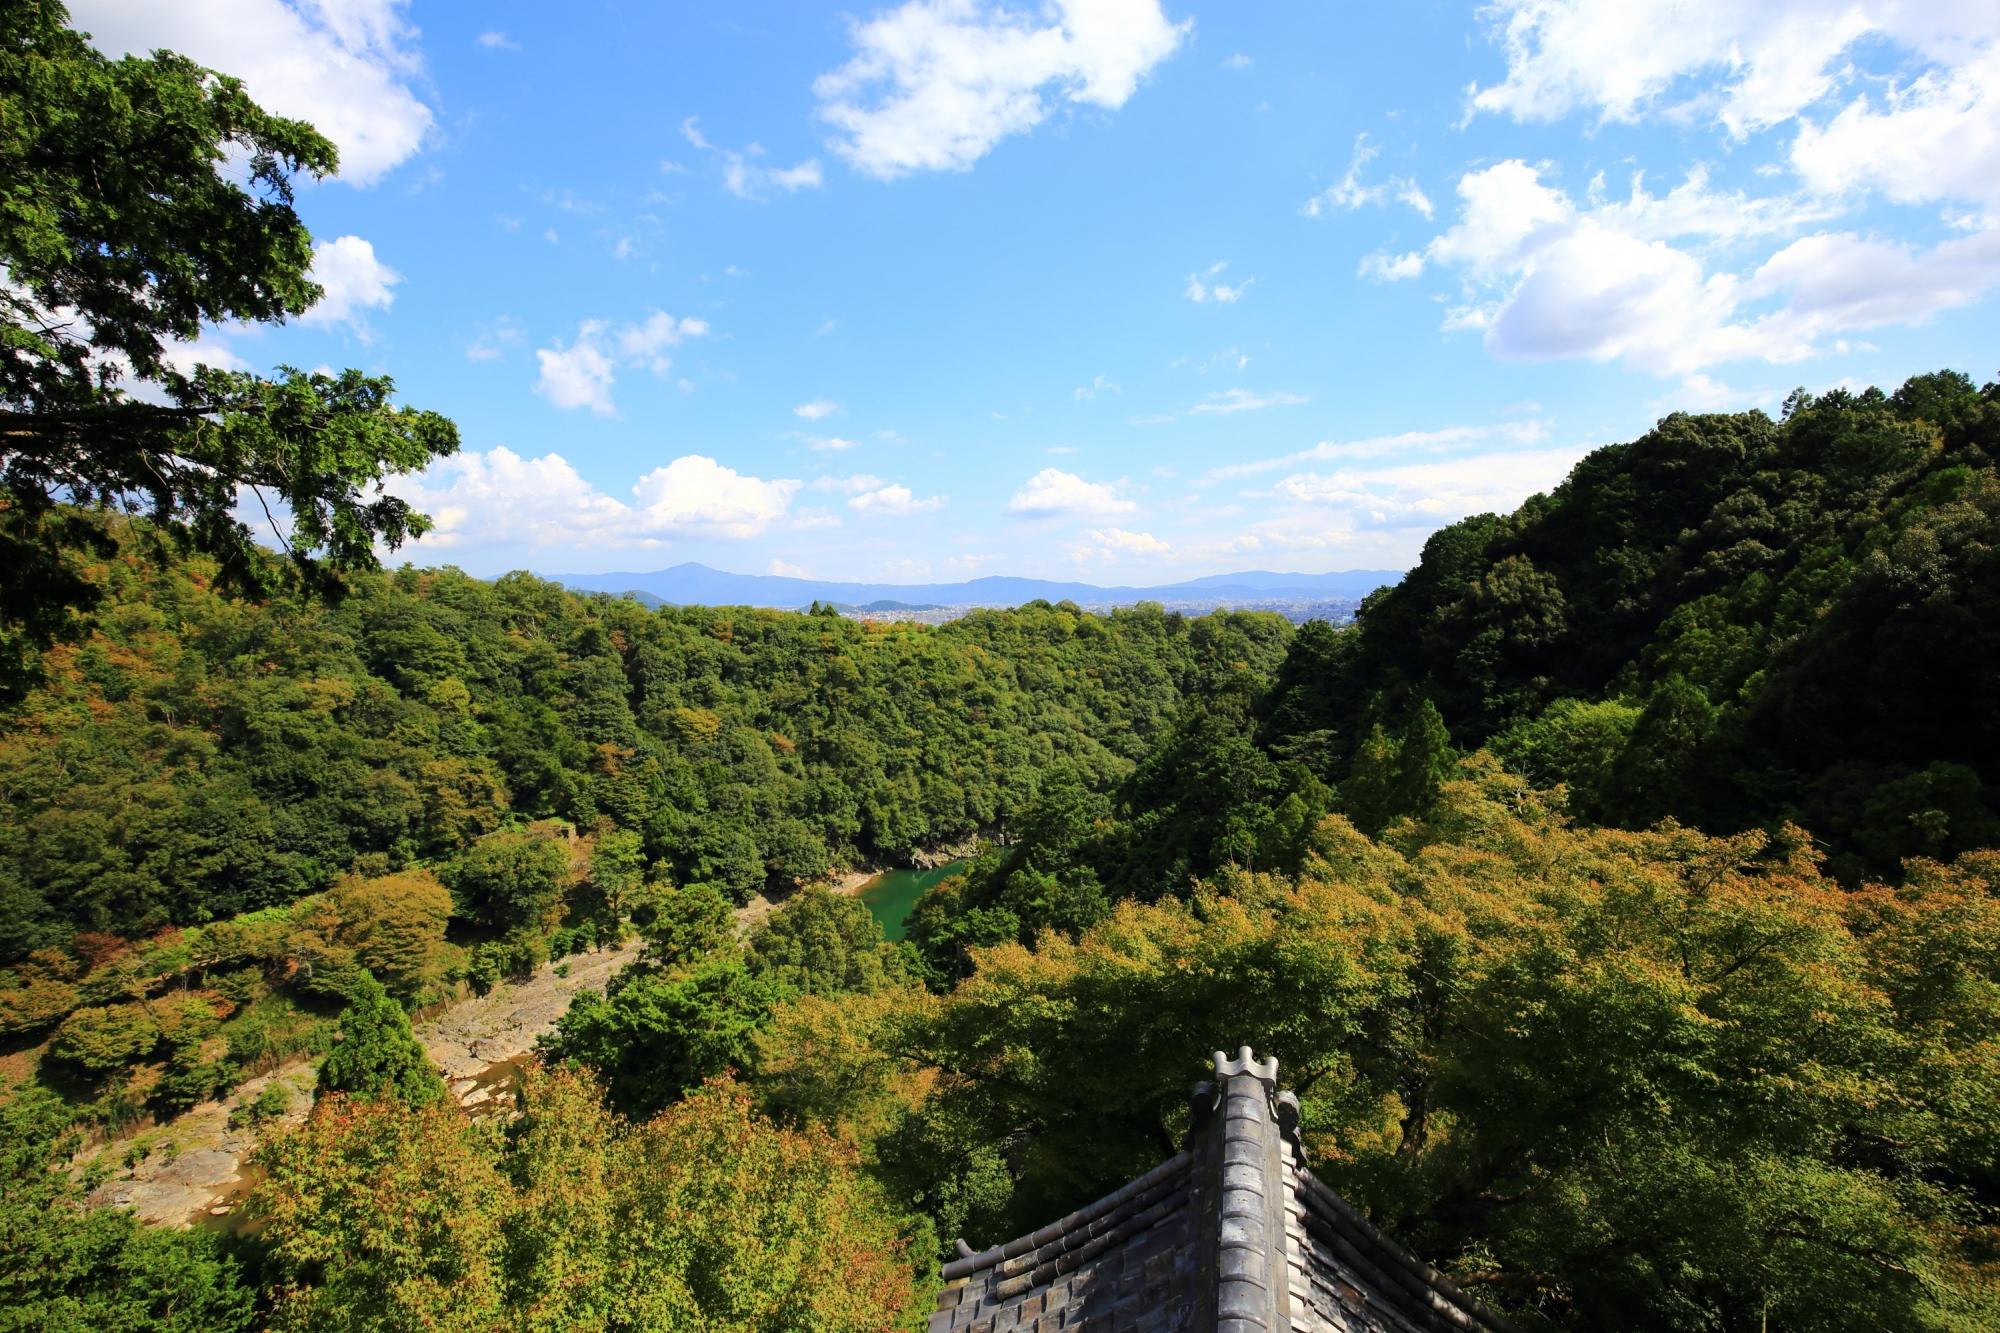 大悲閣 千光寺 嵐山の秘境 自然と青もみじの絶景